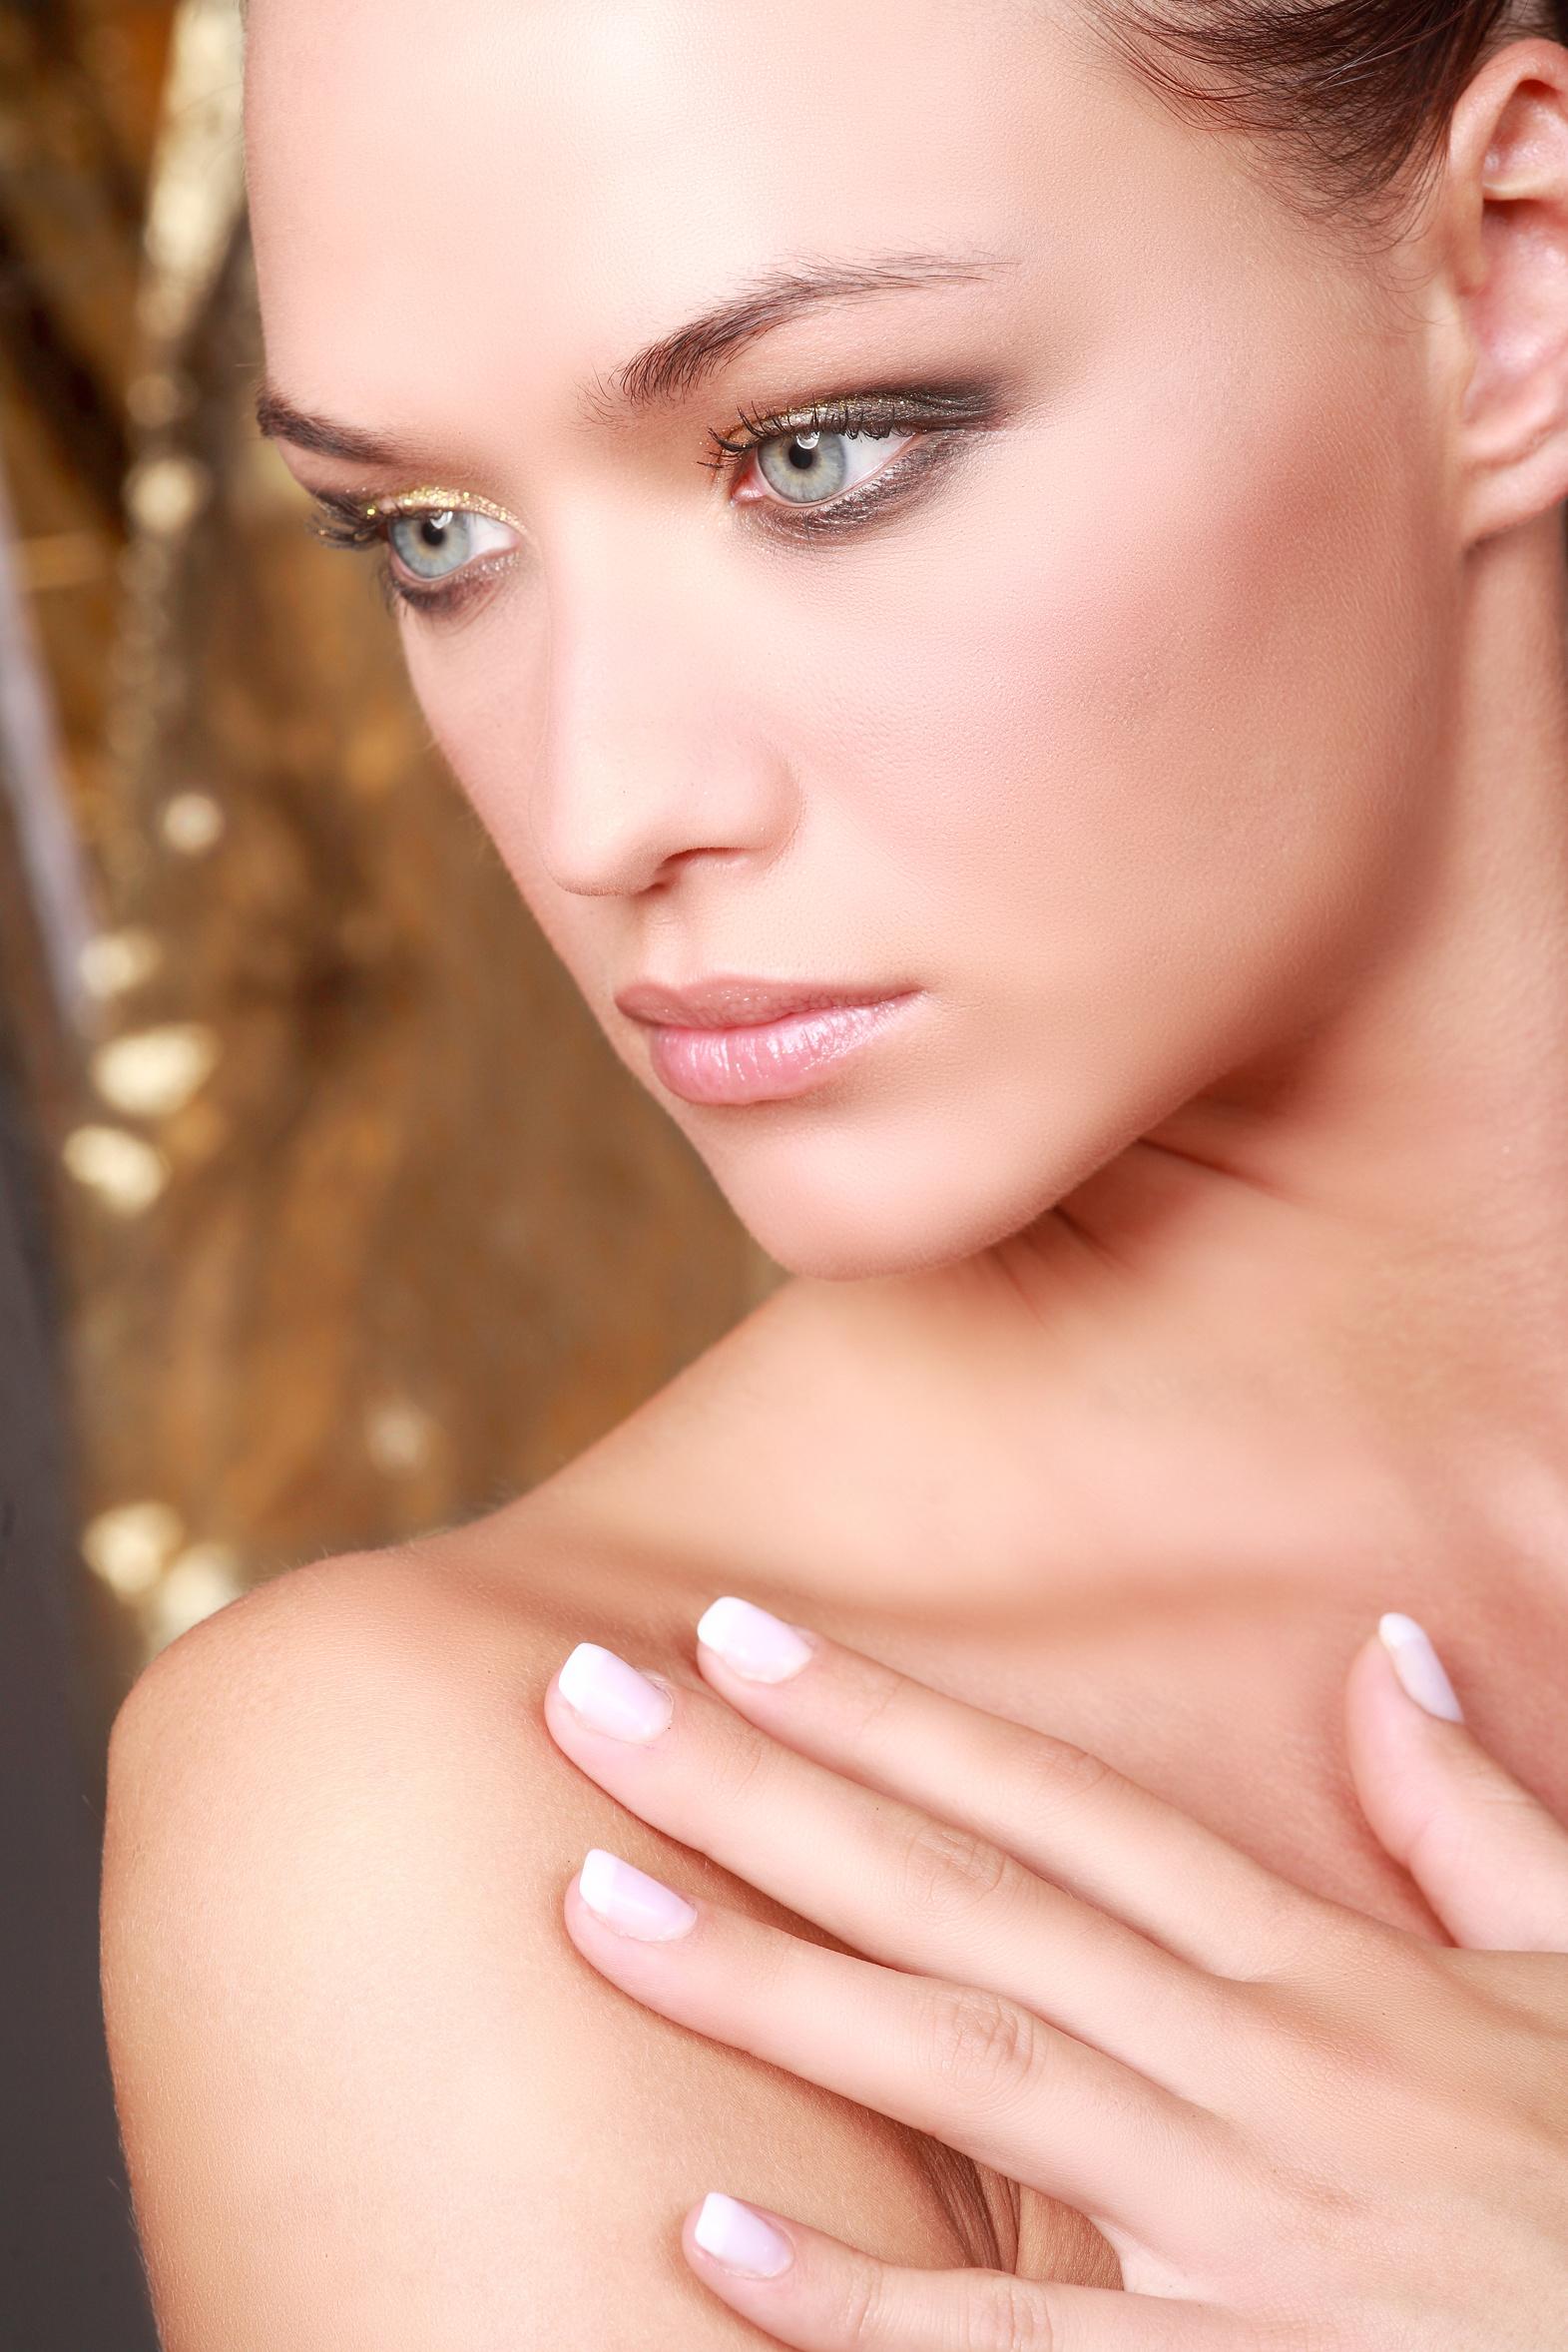 טיפולי פנים ורפלקסלוגיה